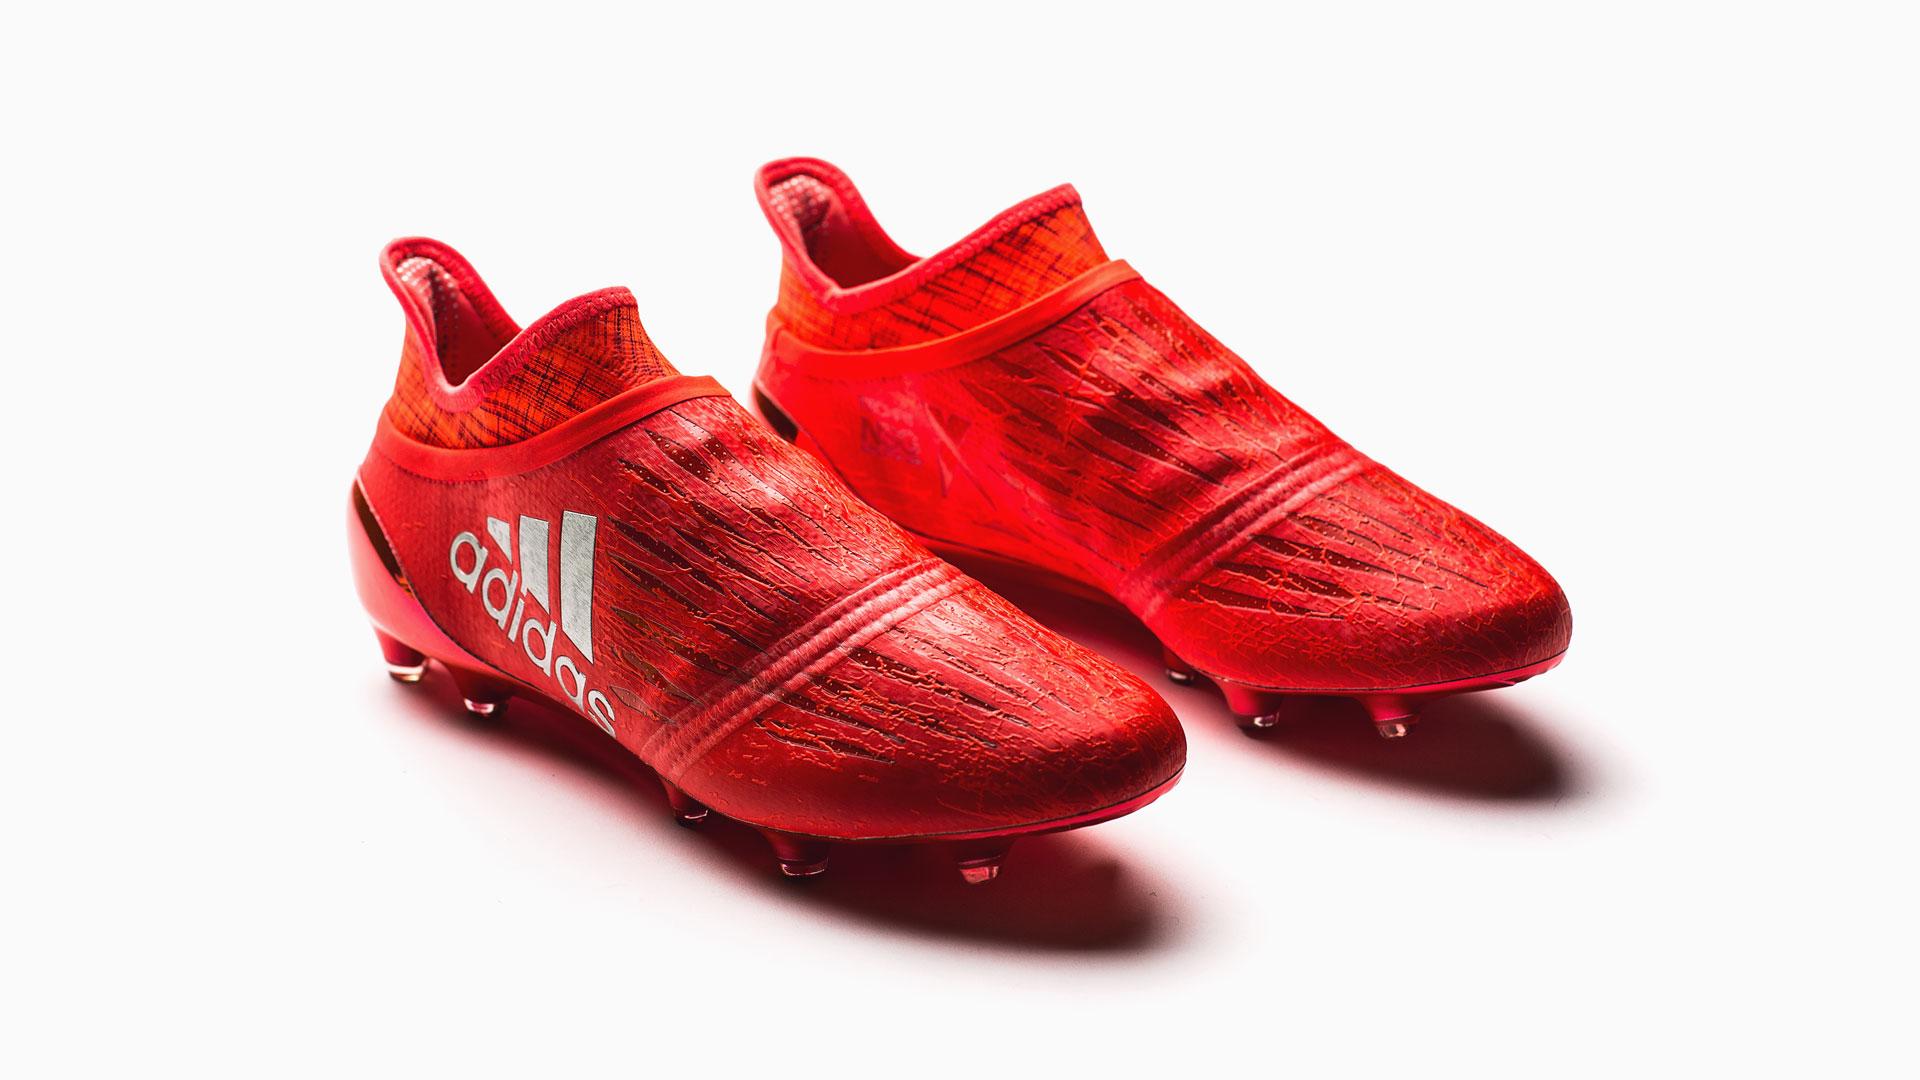 adidas x16 rouge